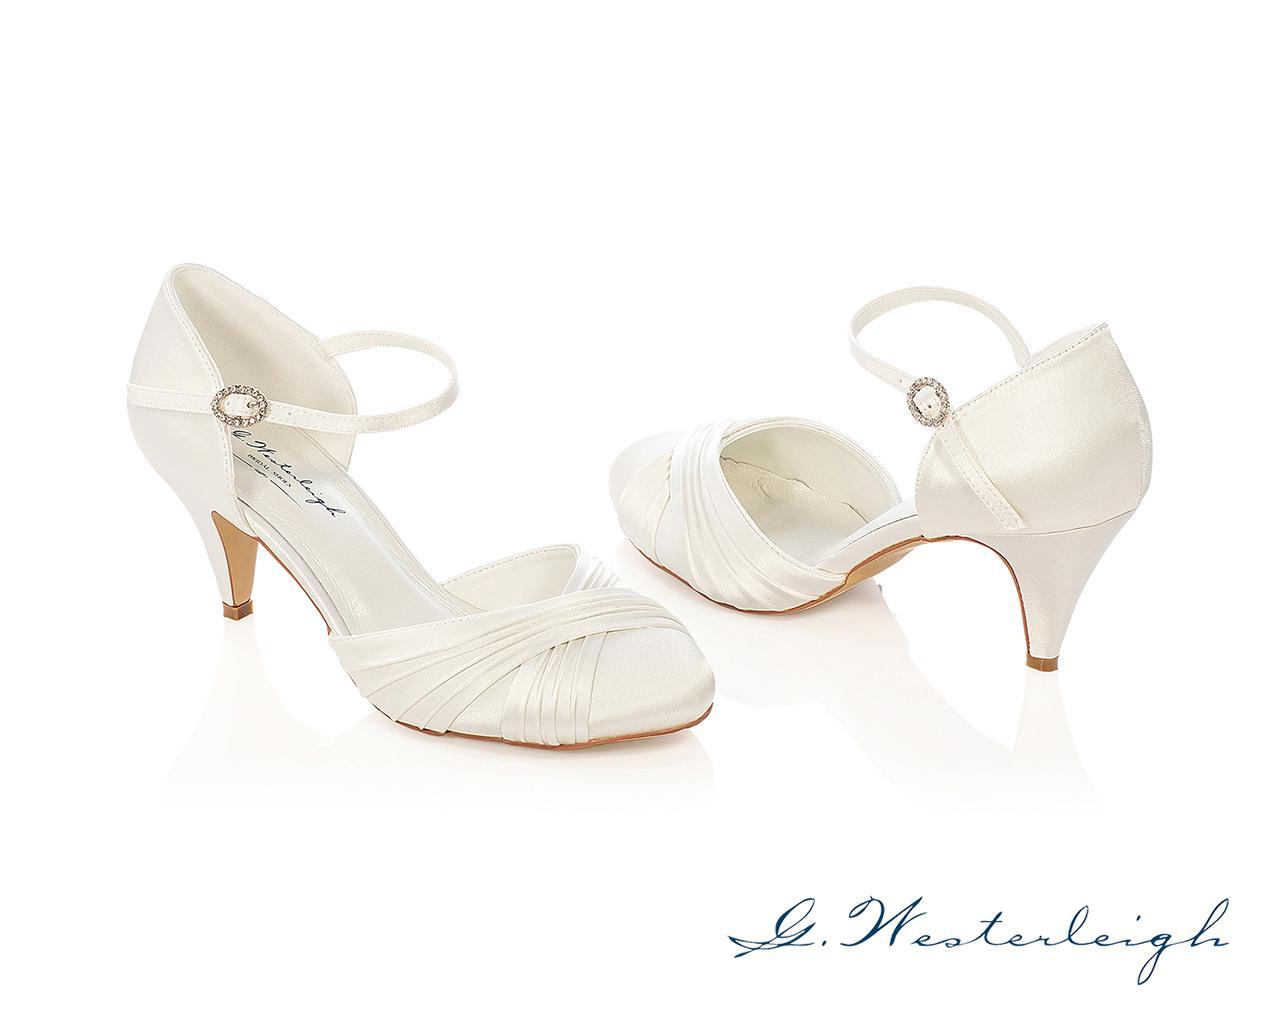 LILLY - Westerleigh cipő. 24.900 Ft. 6 cm sarok